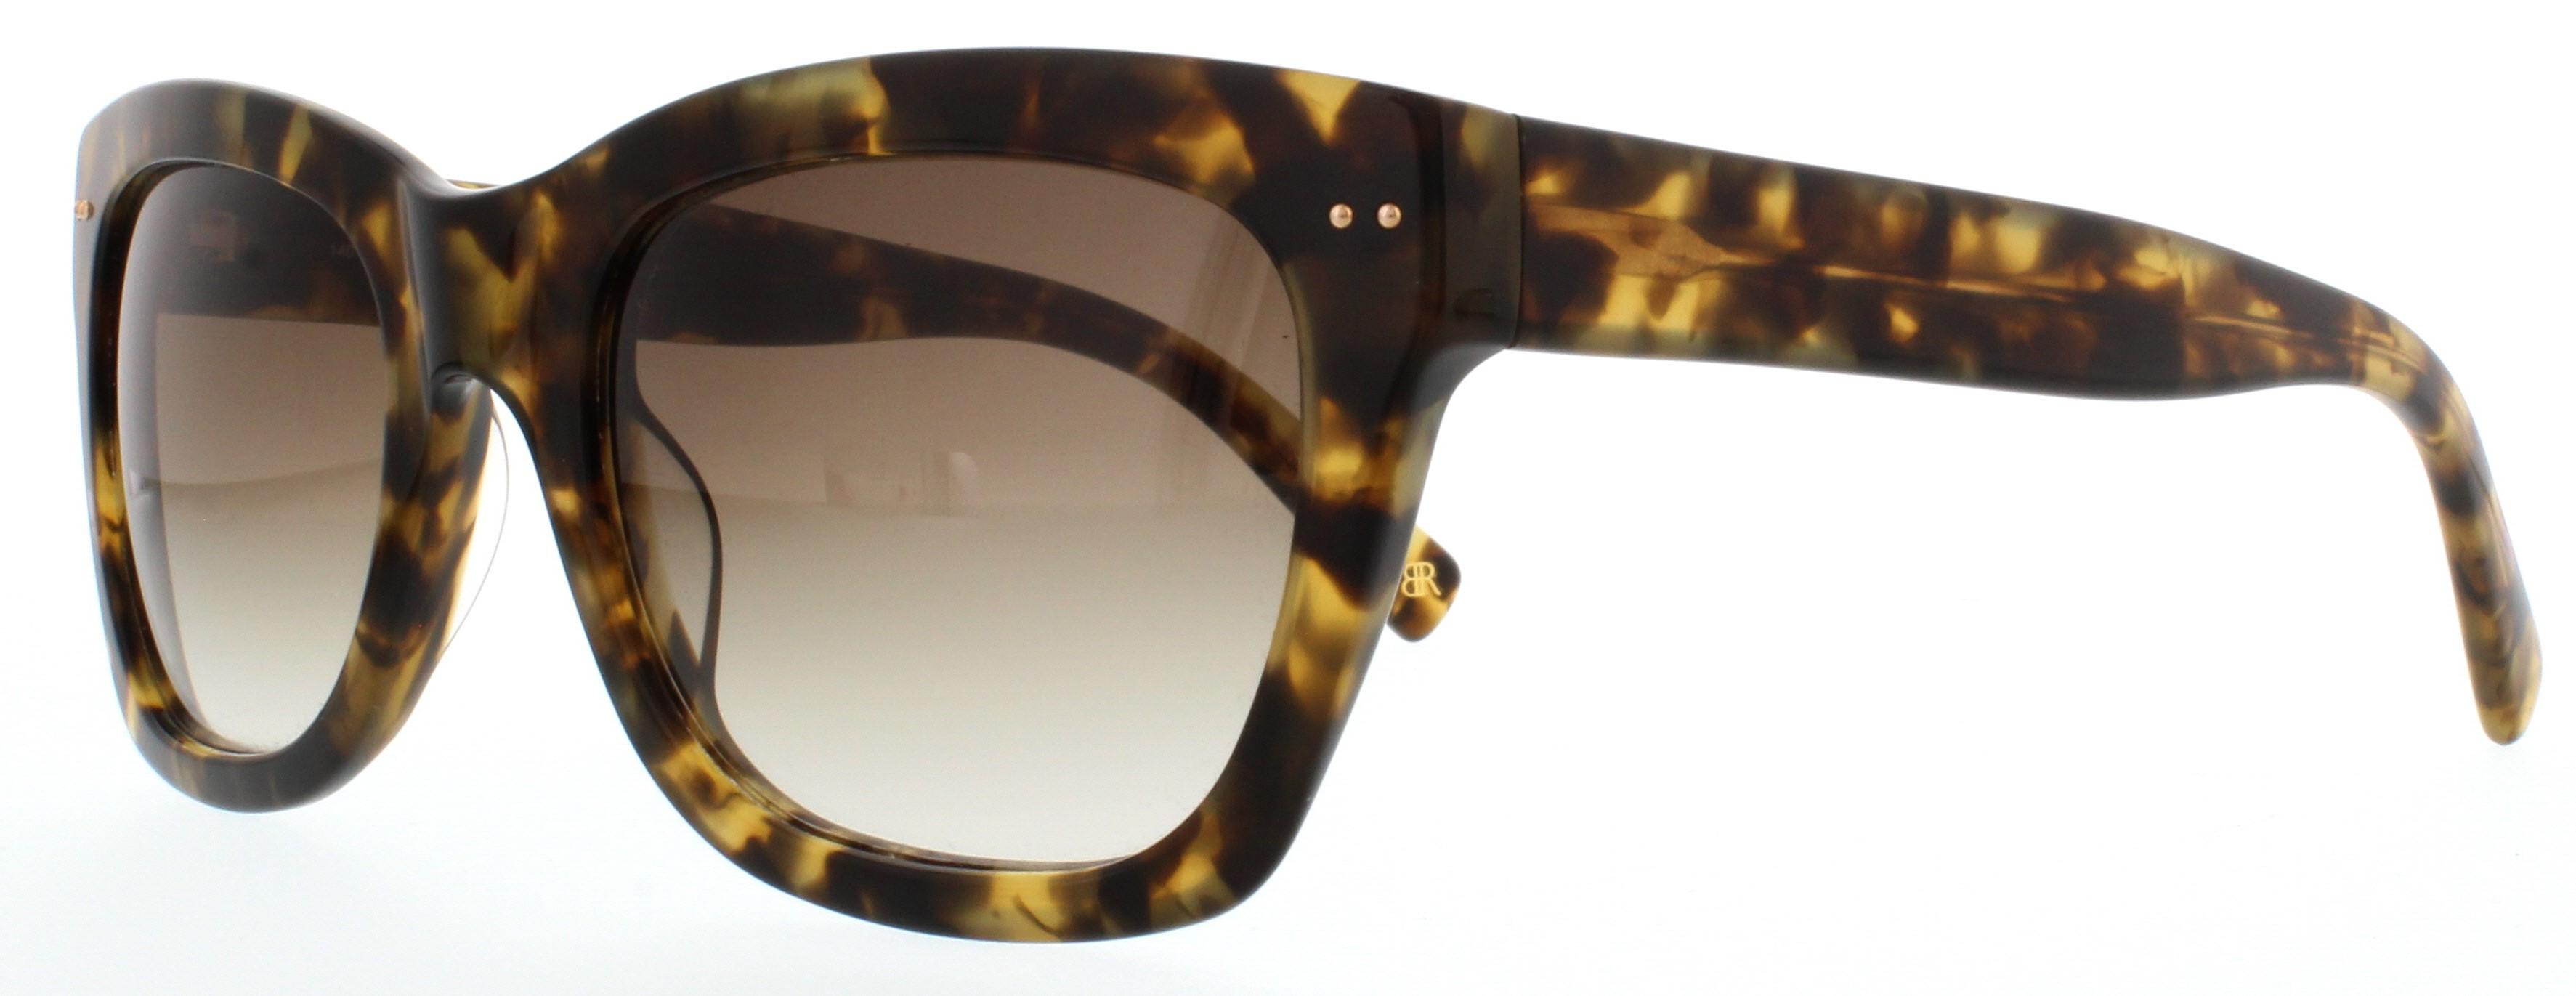 2bbf7447c586 Designer Frames Outlet. Banana Republic MARGEAUX/S